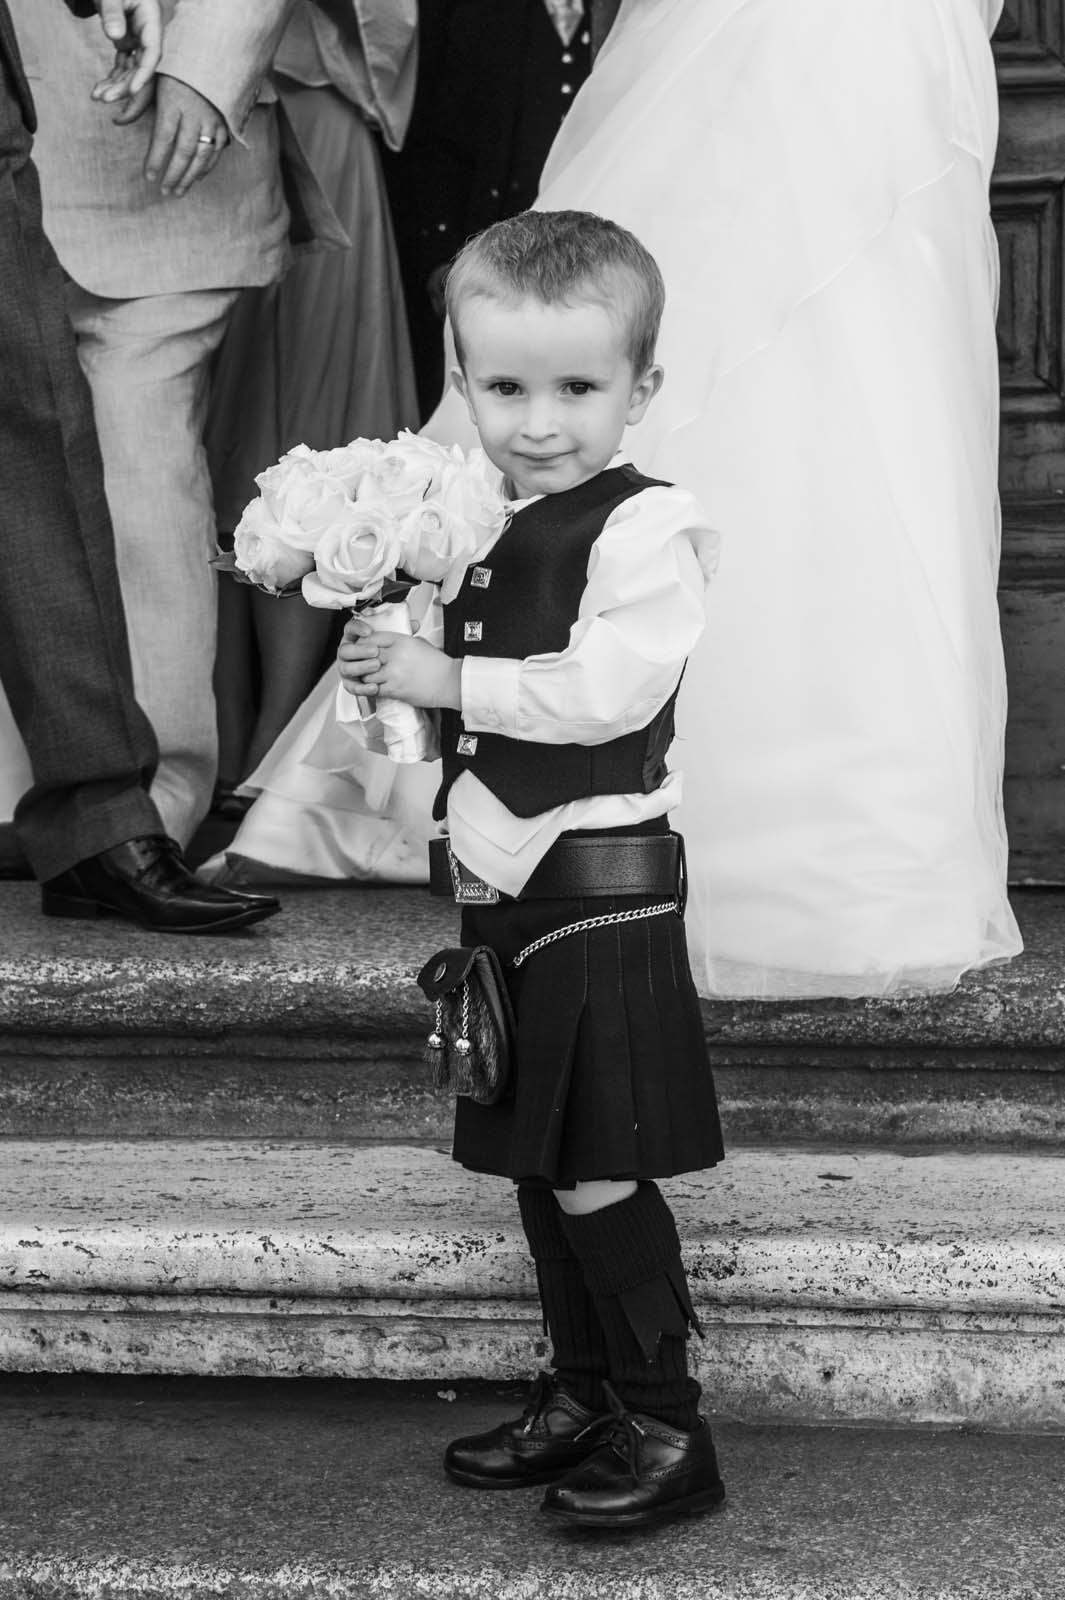 Matrimonio In Kilt : Momenti della cerimonia nuziale